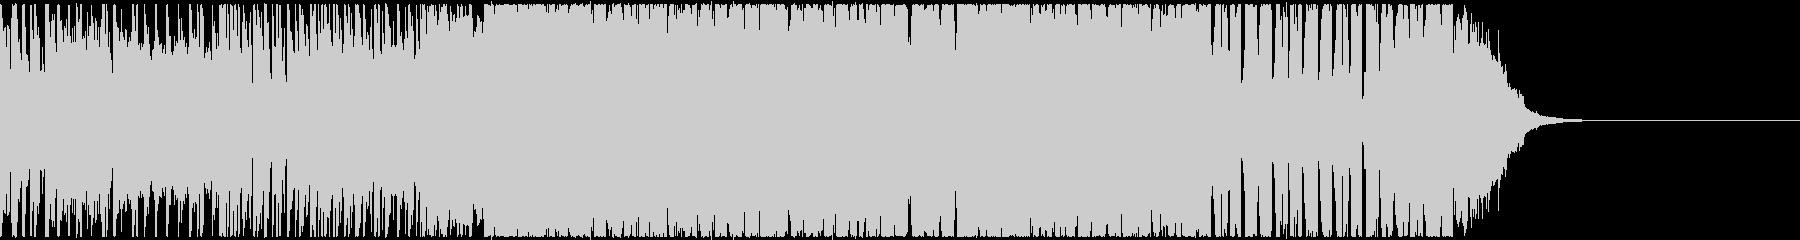 ノリノリなトランペット風EDMの未再生の波形